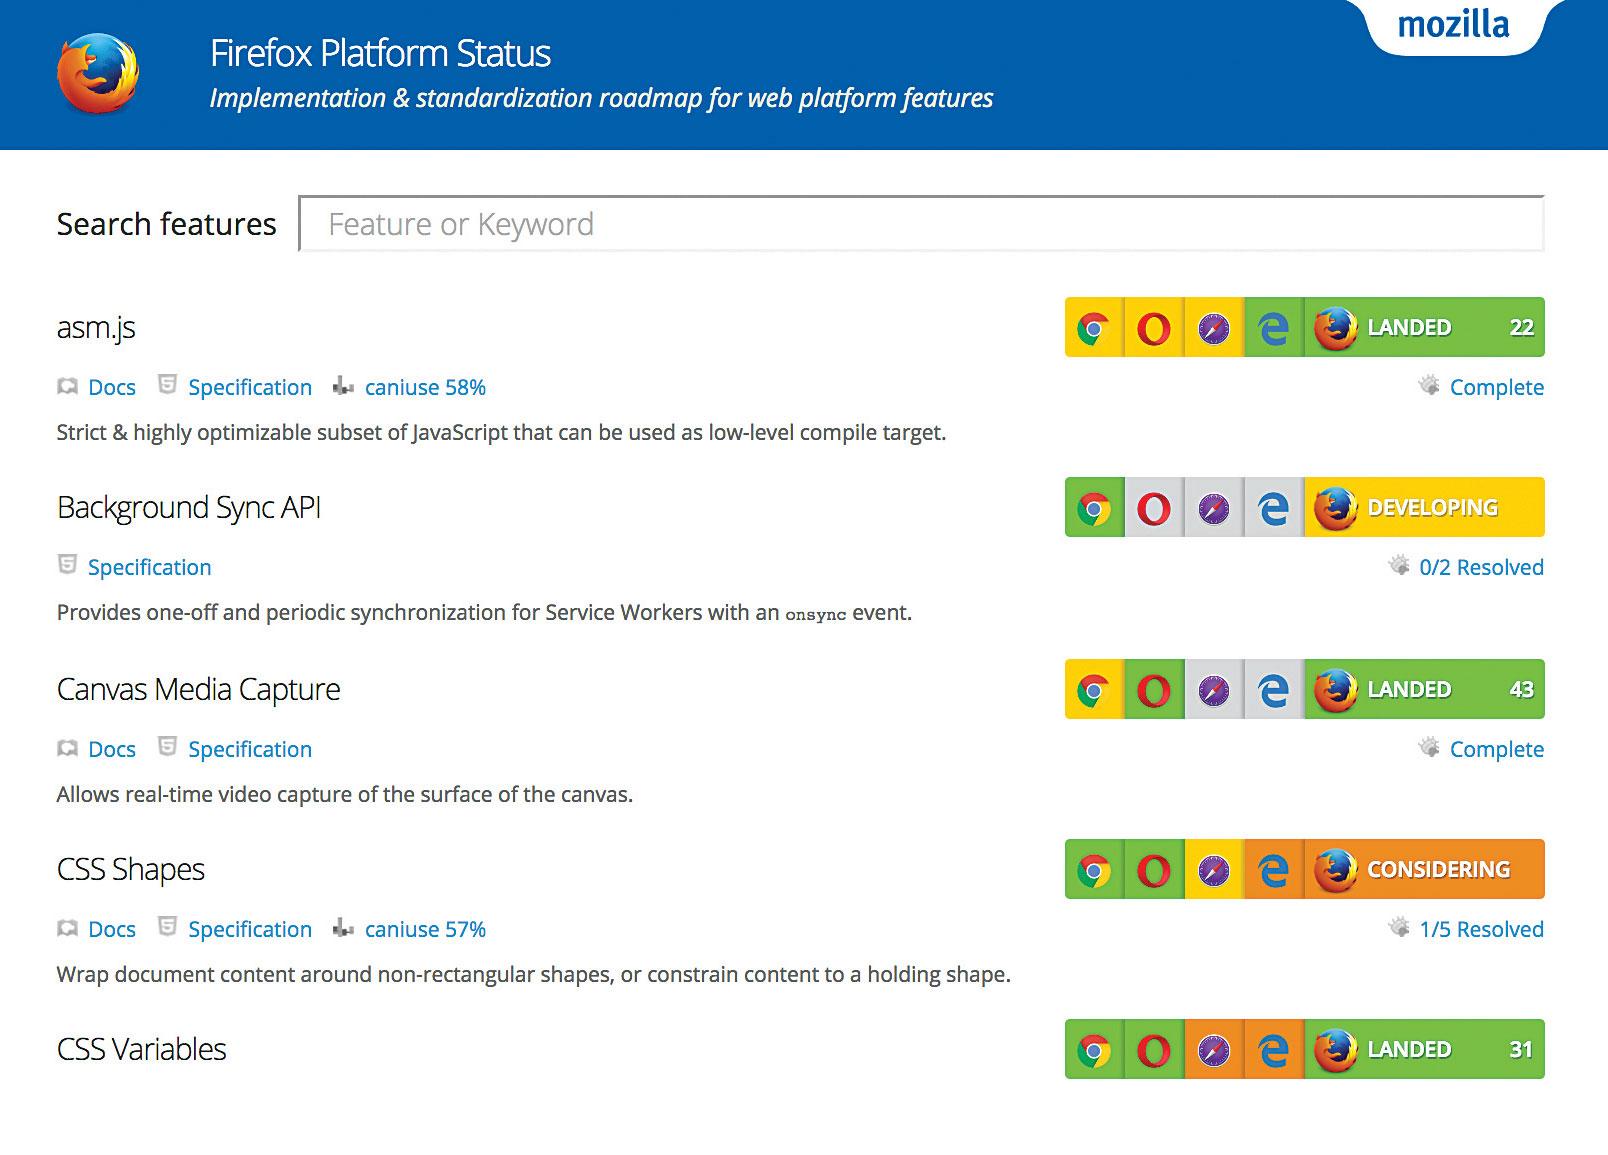 این برنامه از موزیلا اطلاعات پیشرفت در اجرای رابط های برنامه کاربردی وب مدرن را در مرورگرها فراهم می کند.